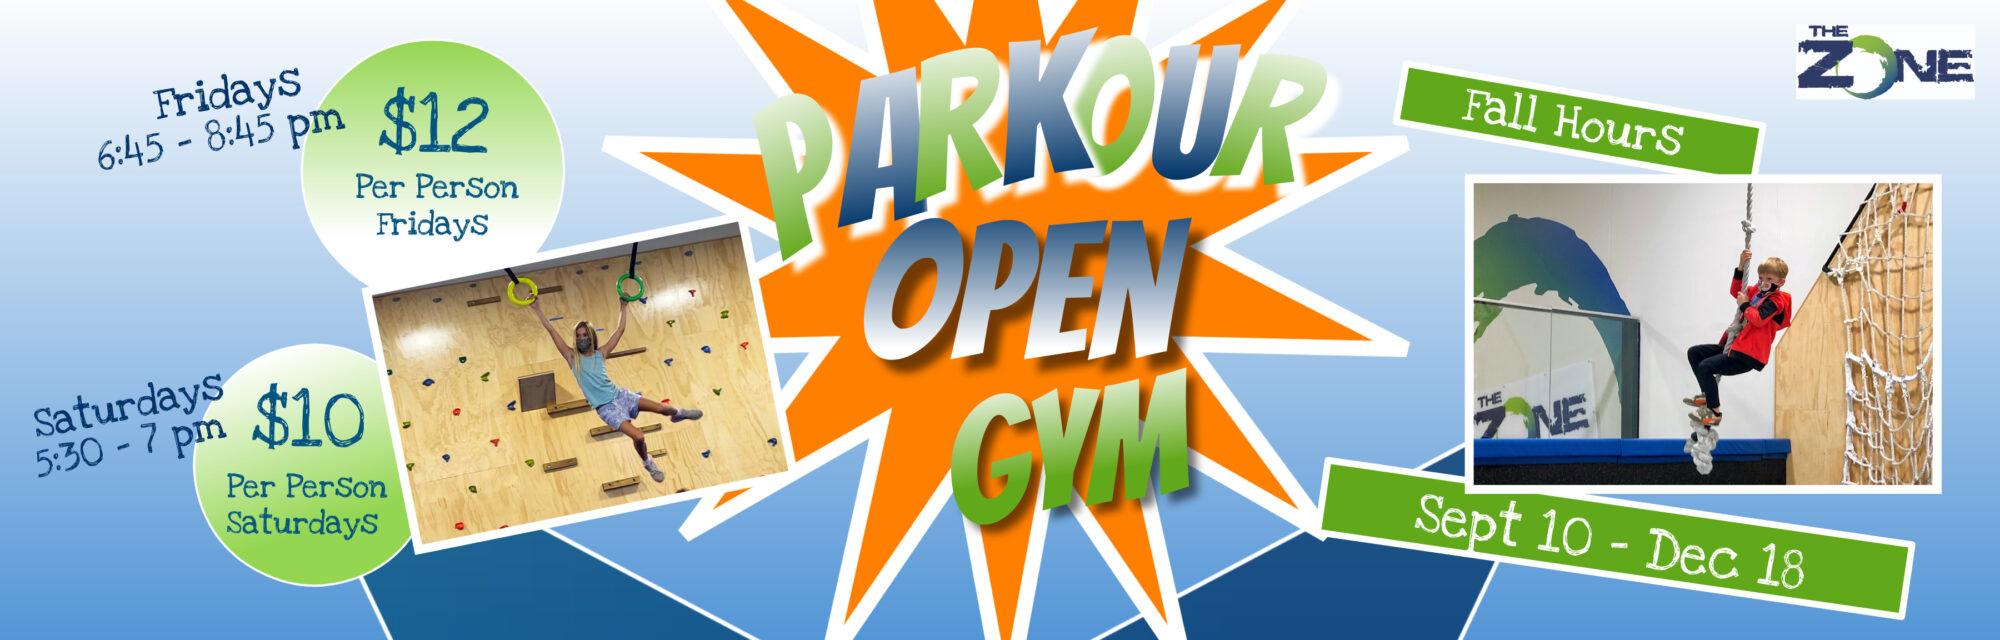 parkour open gym info